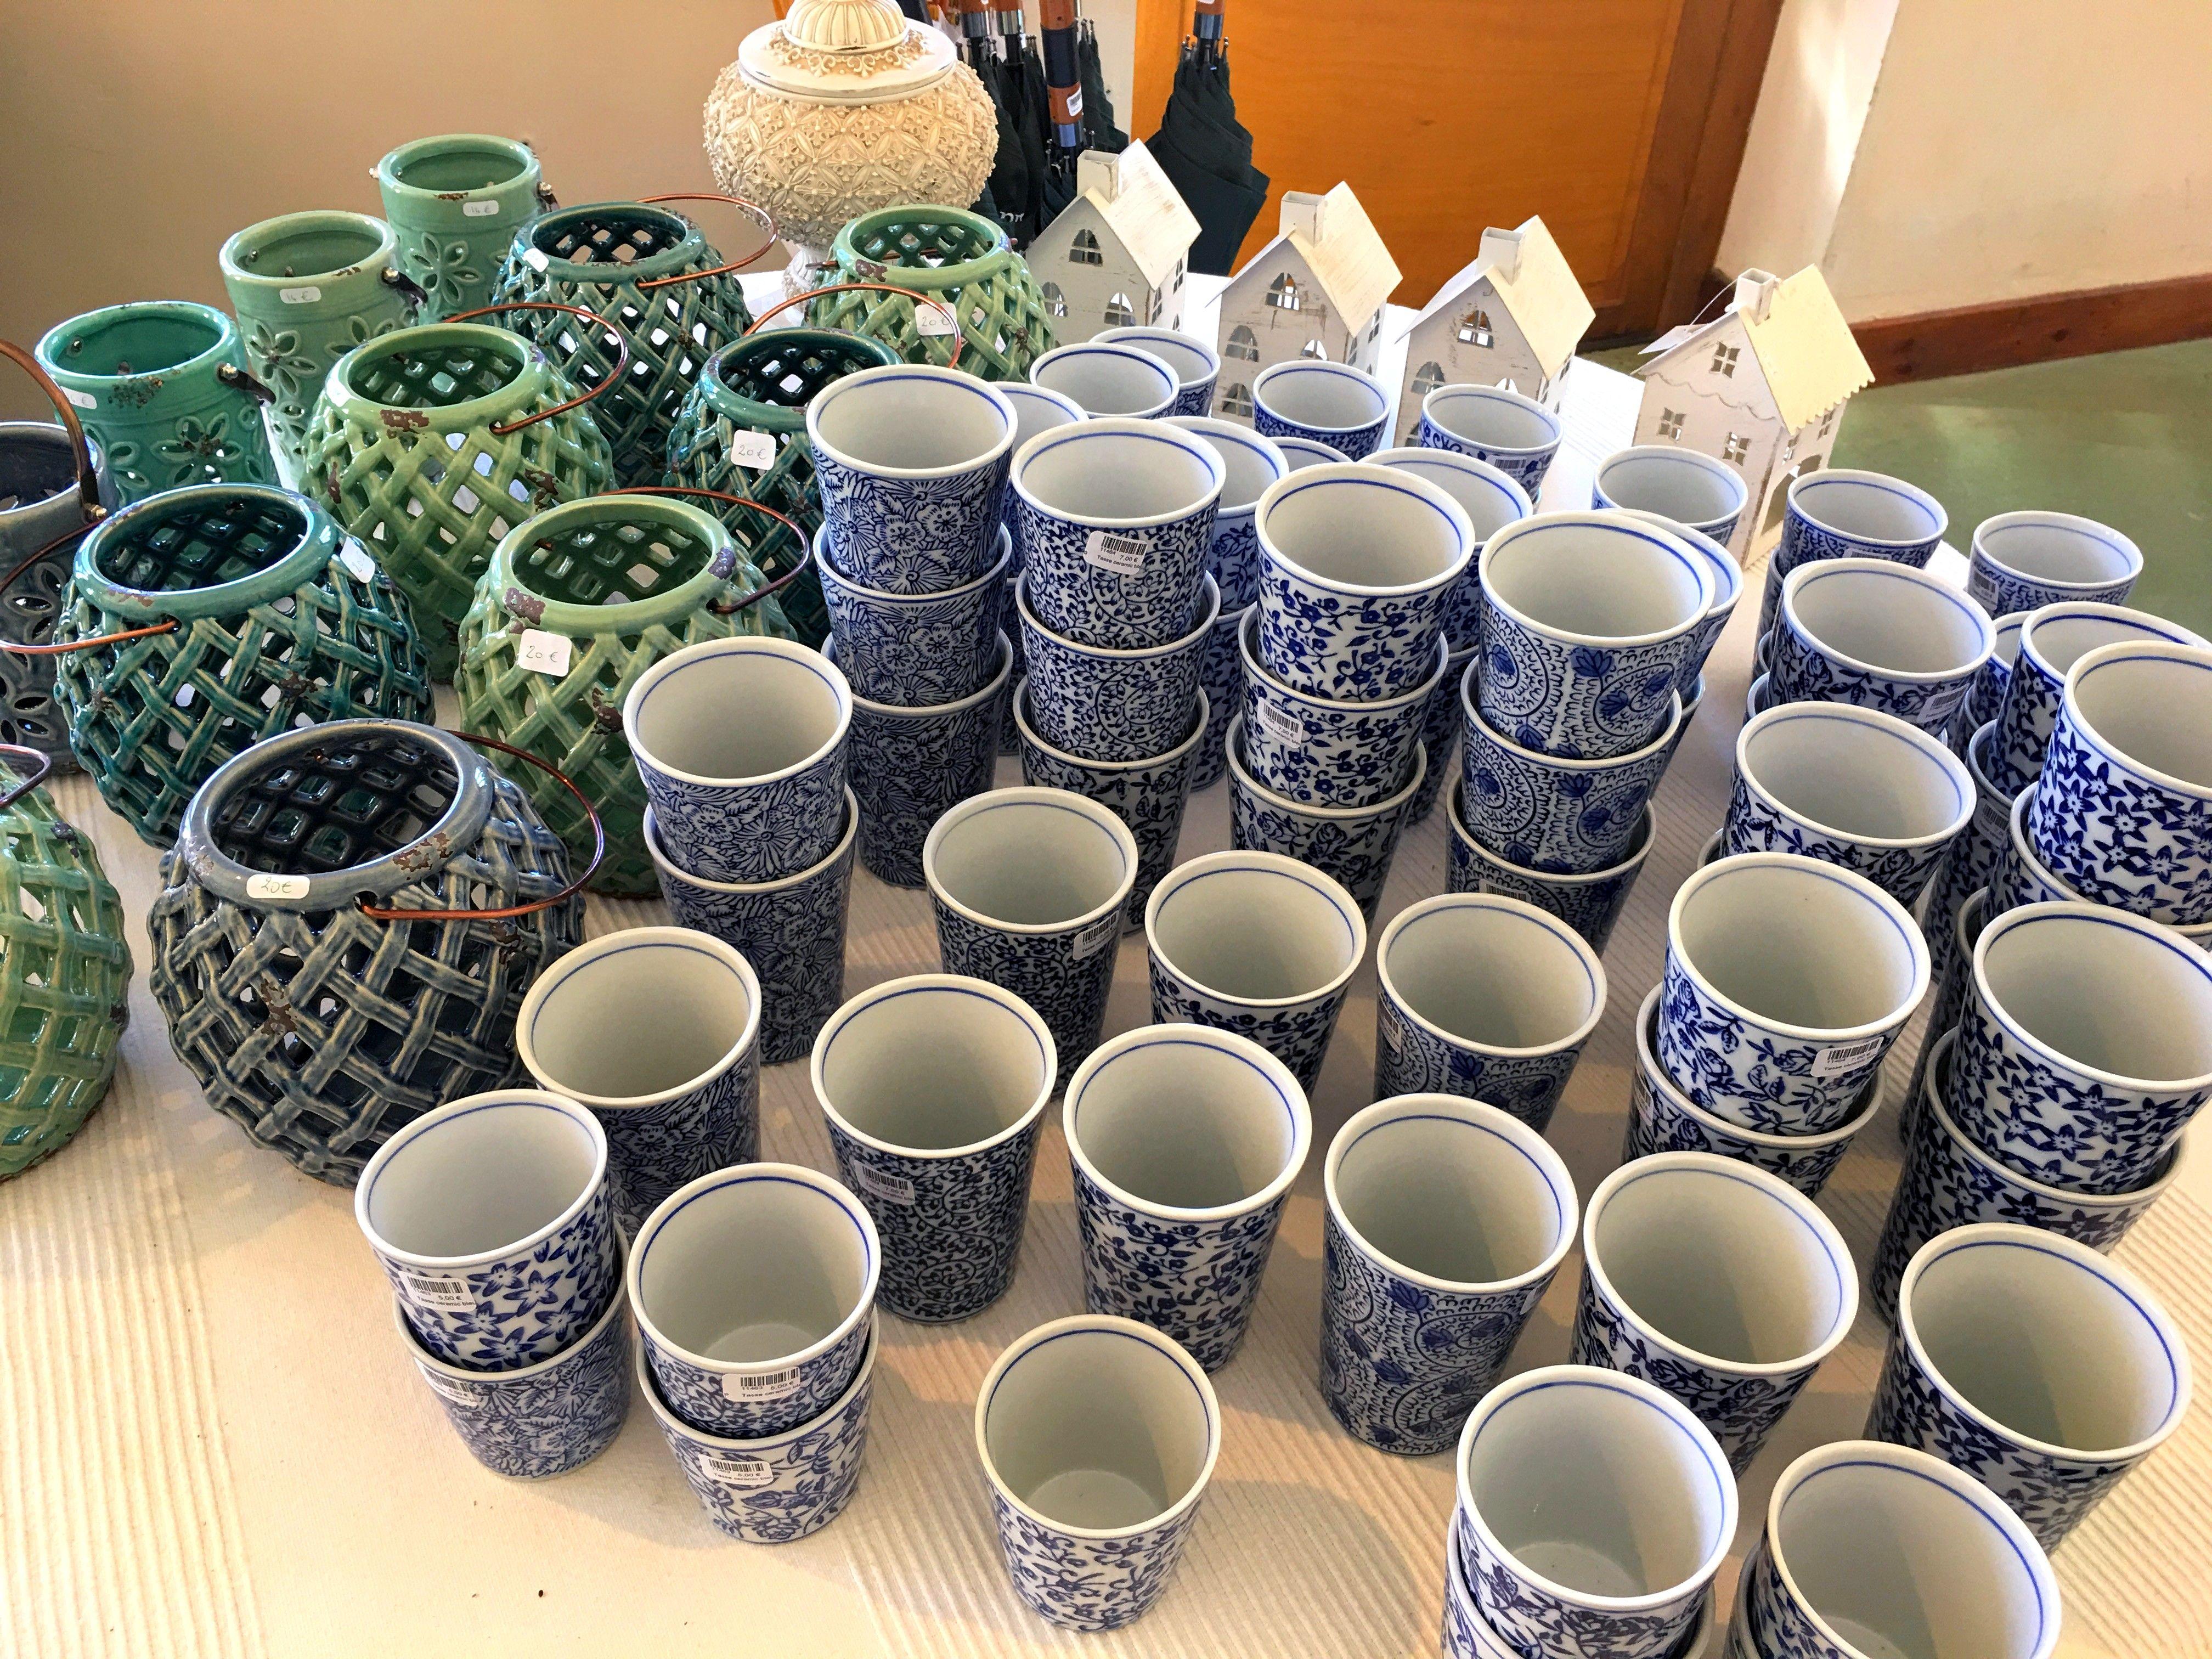 De jolies nuances de bleu et de vert pour cette collection de